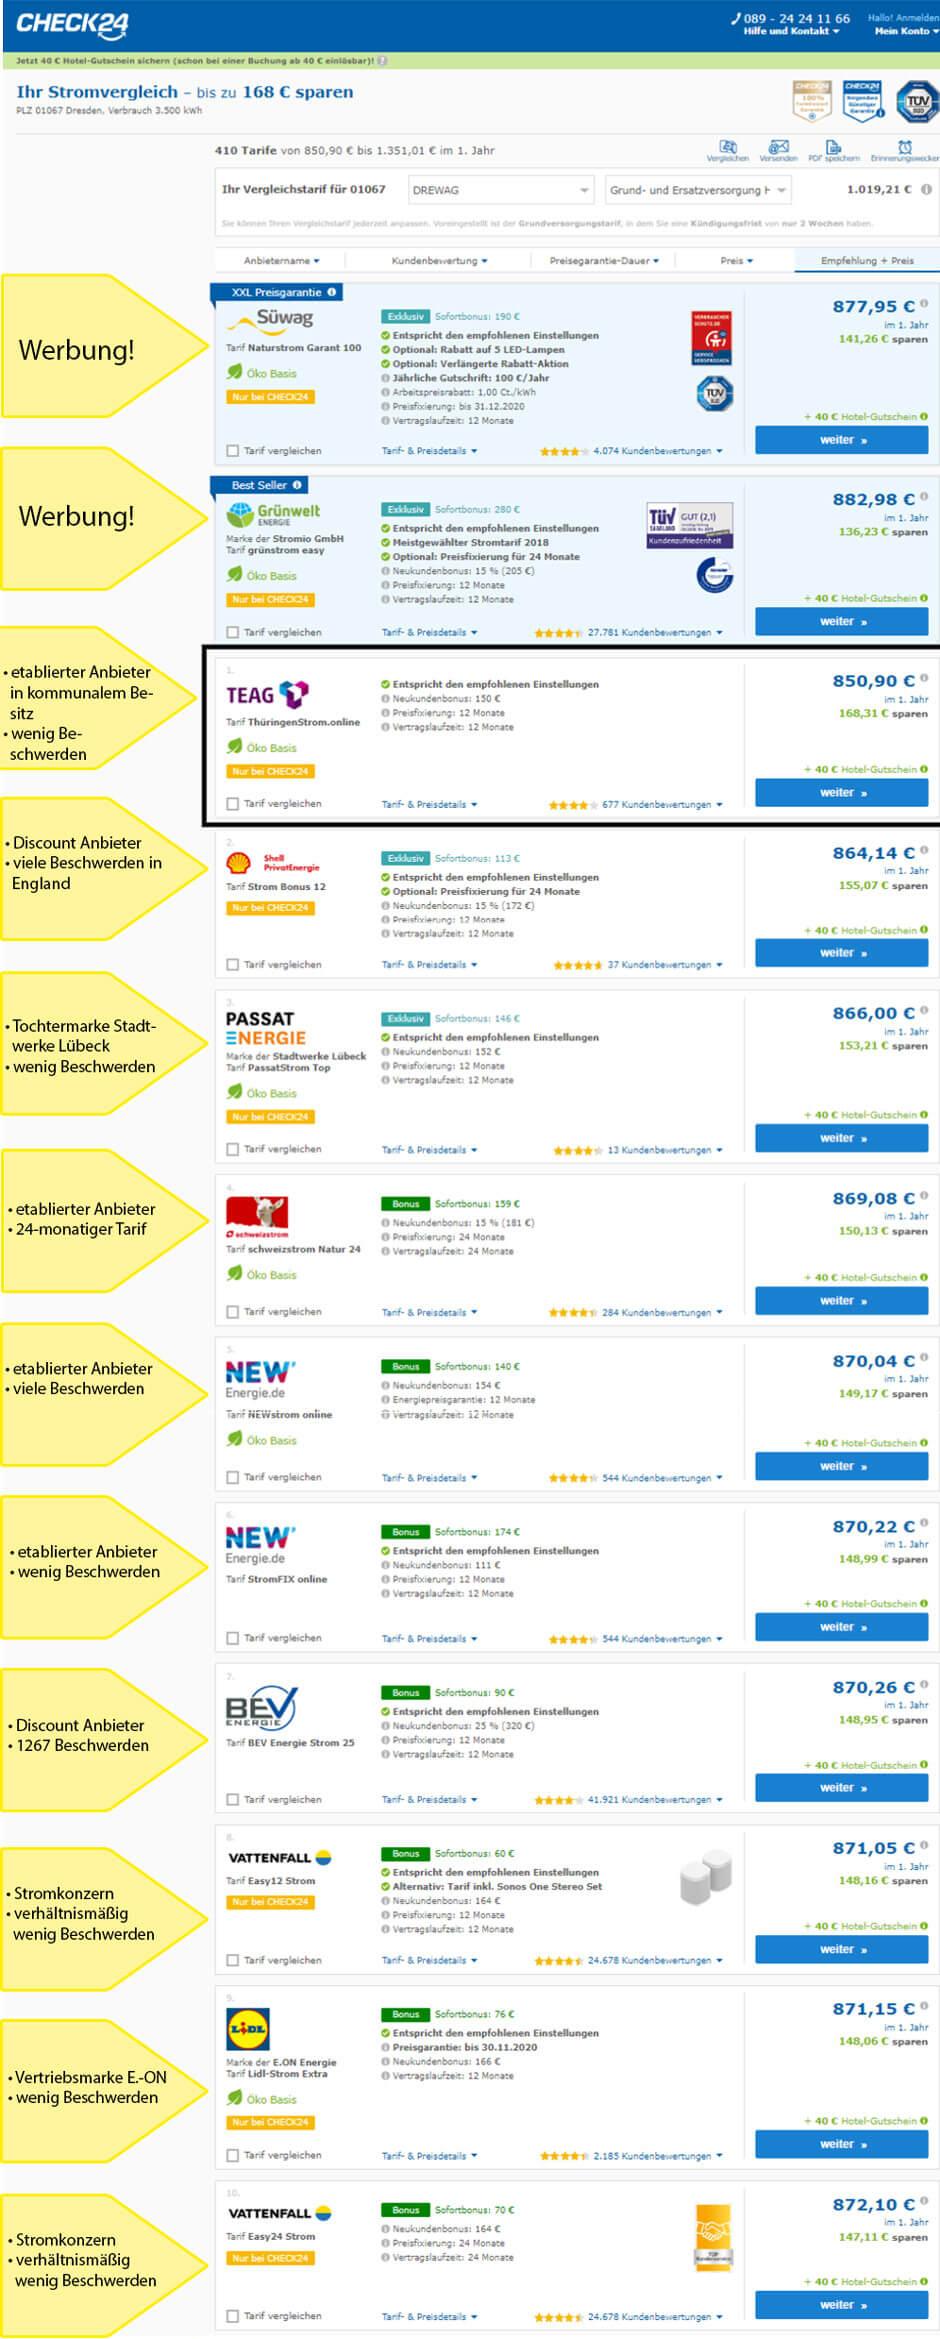 Preis-Leistung-Sieger beim Strom-Preisvergleich in Dresden auf Check24 ist die TEAG mit rund 170 € Ersparnis, genauso wie der Kamikaze